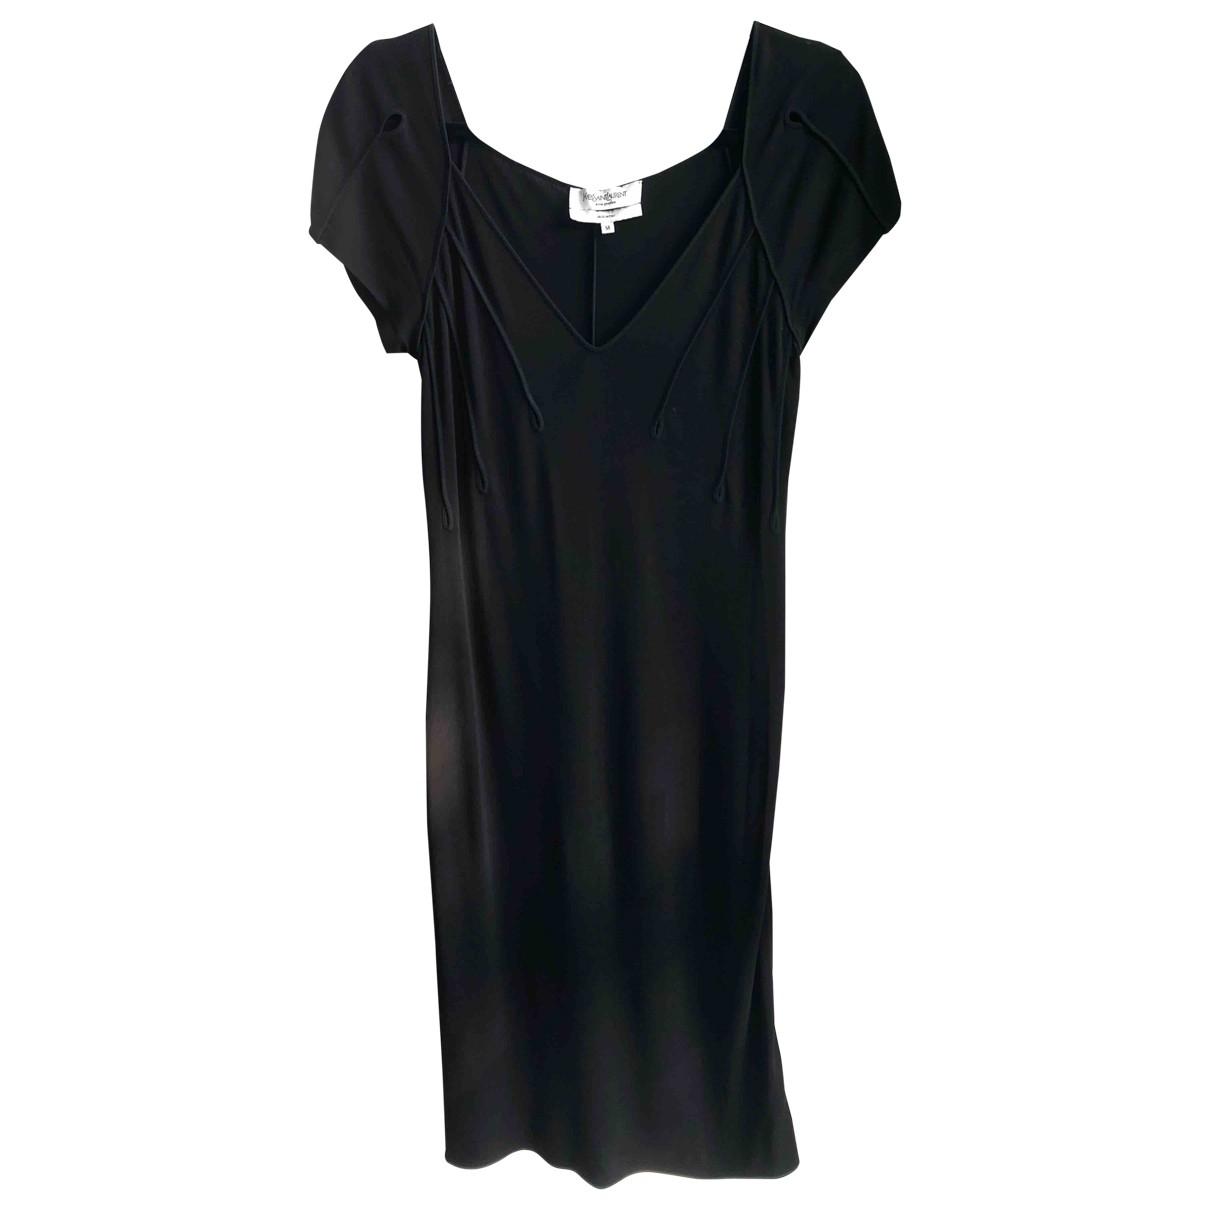 Yves Saint Laurent \N Black dress for Women M International